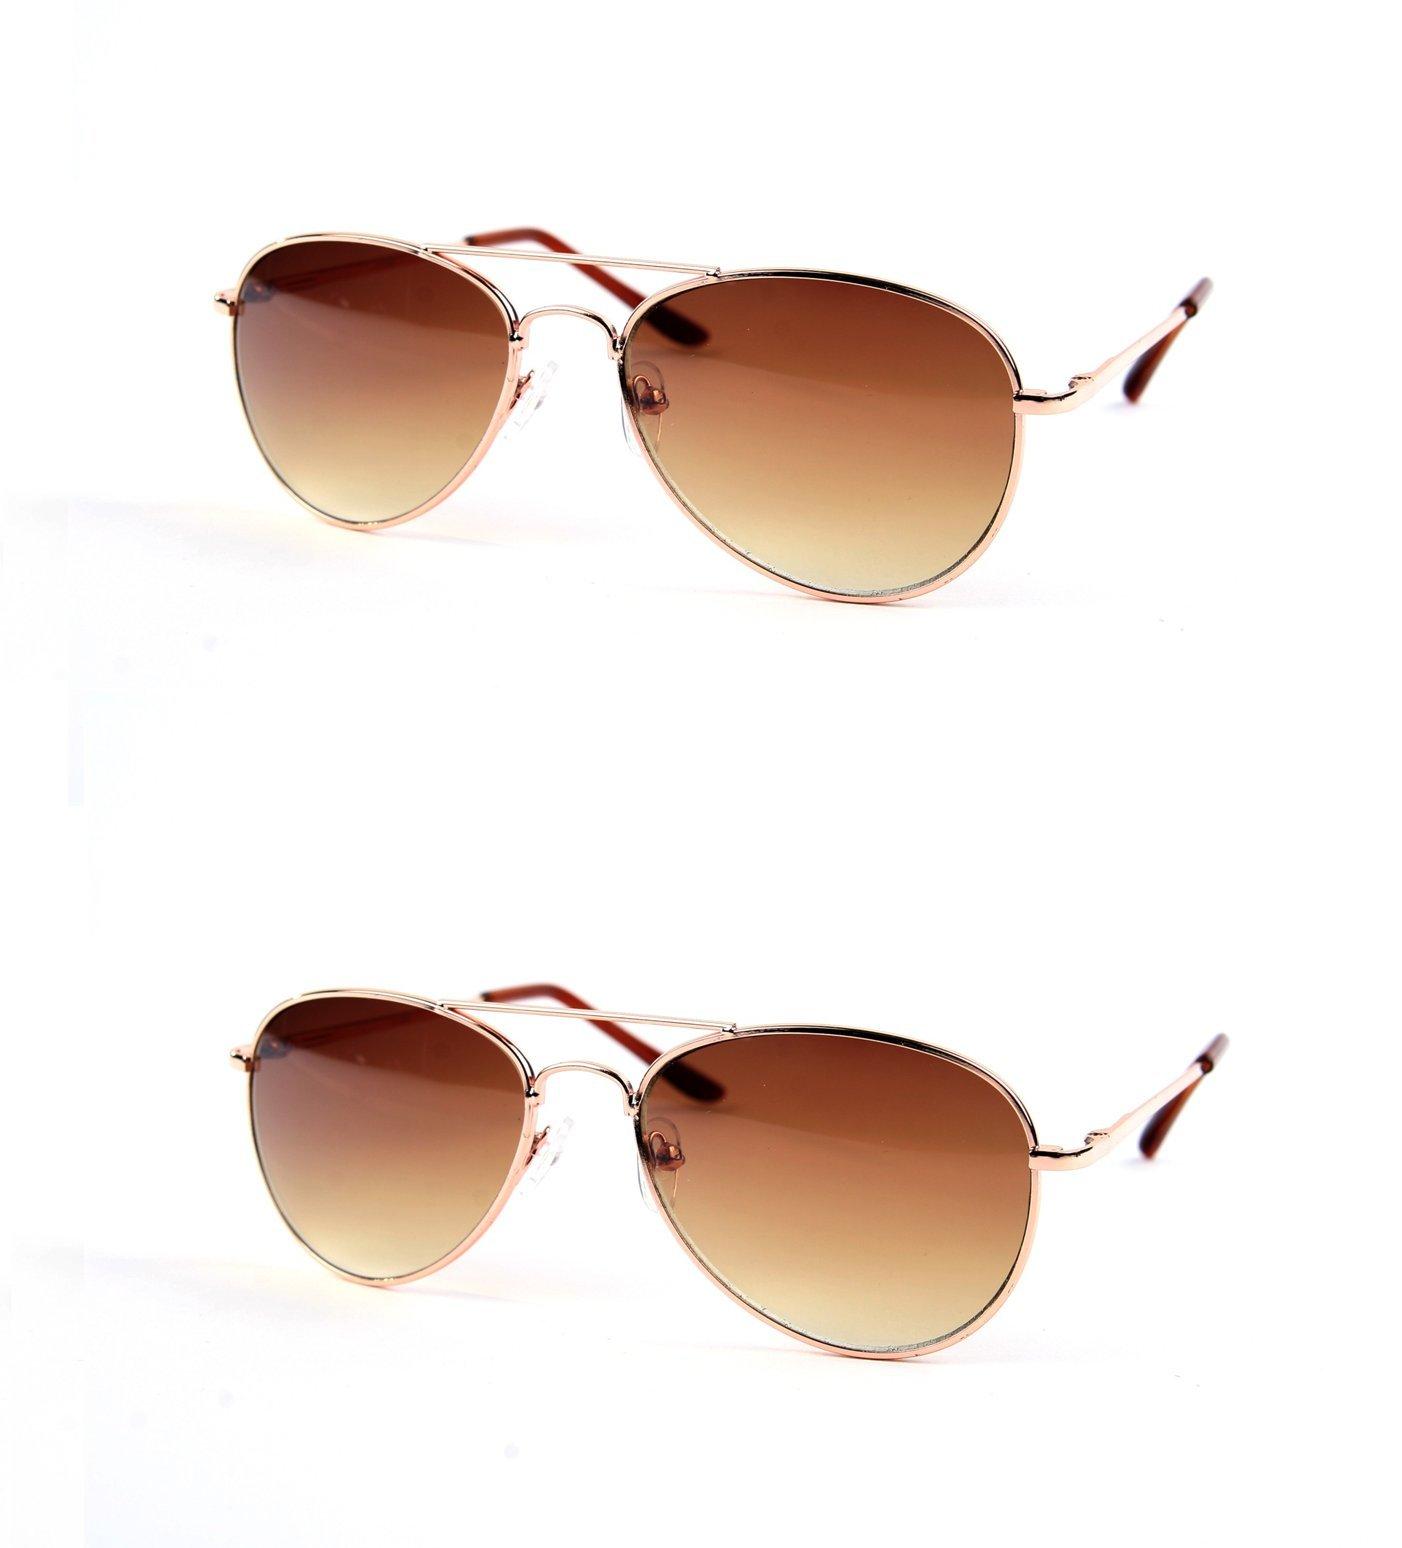 8e8bc242e692 Get Quotations · Children Metal Classic Aviator Color Lens Sunglasses P1302  (2 pcs GoldGradientBrown   GoldGradientBrown)